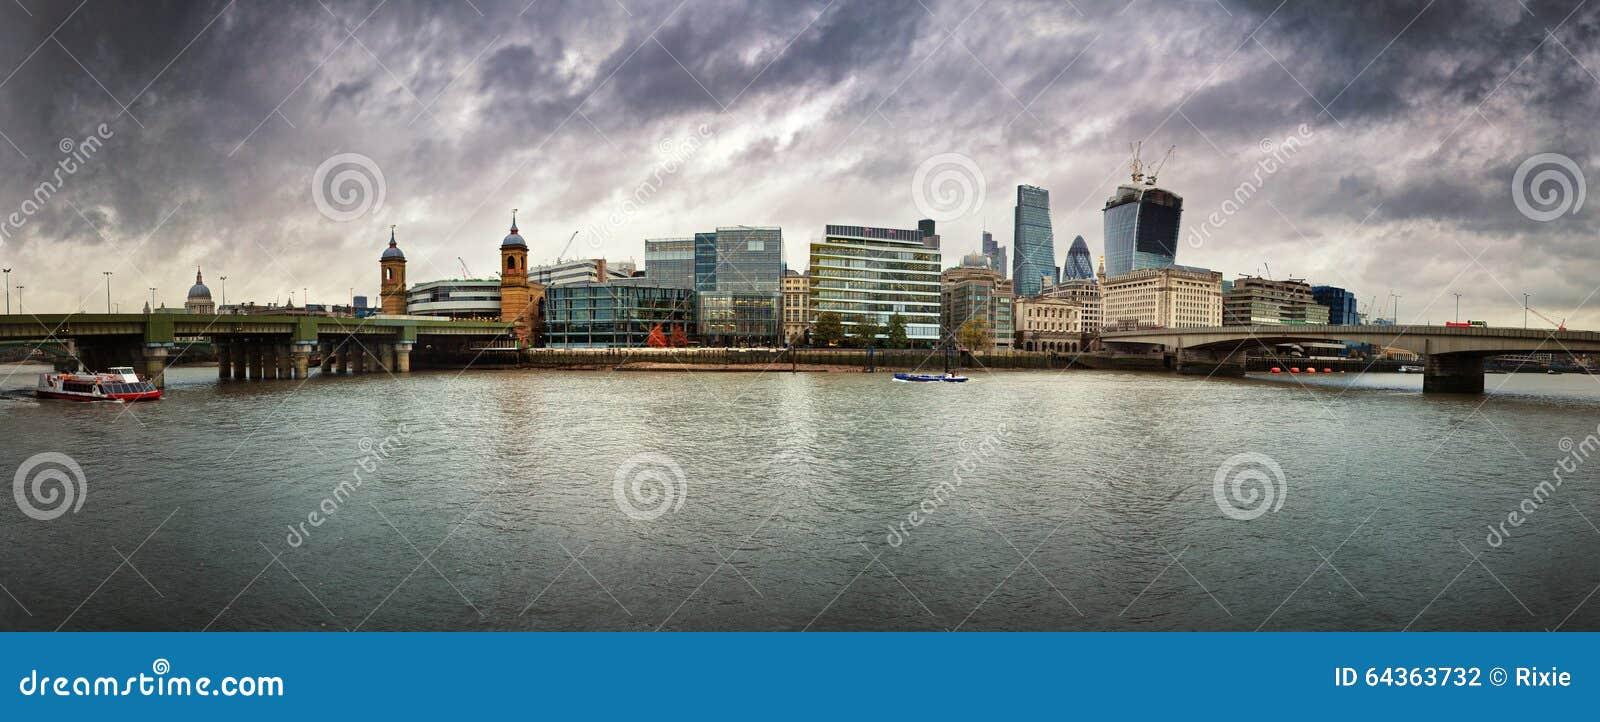 Céus tormentosos sobre Londres